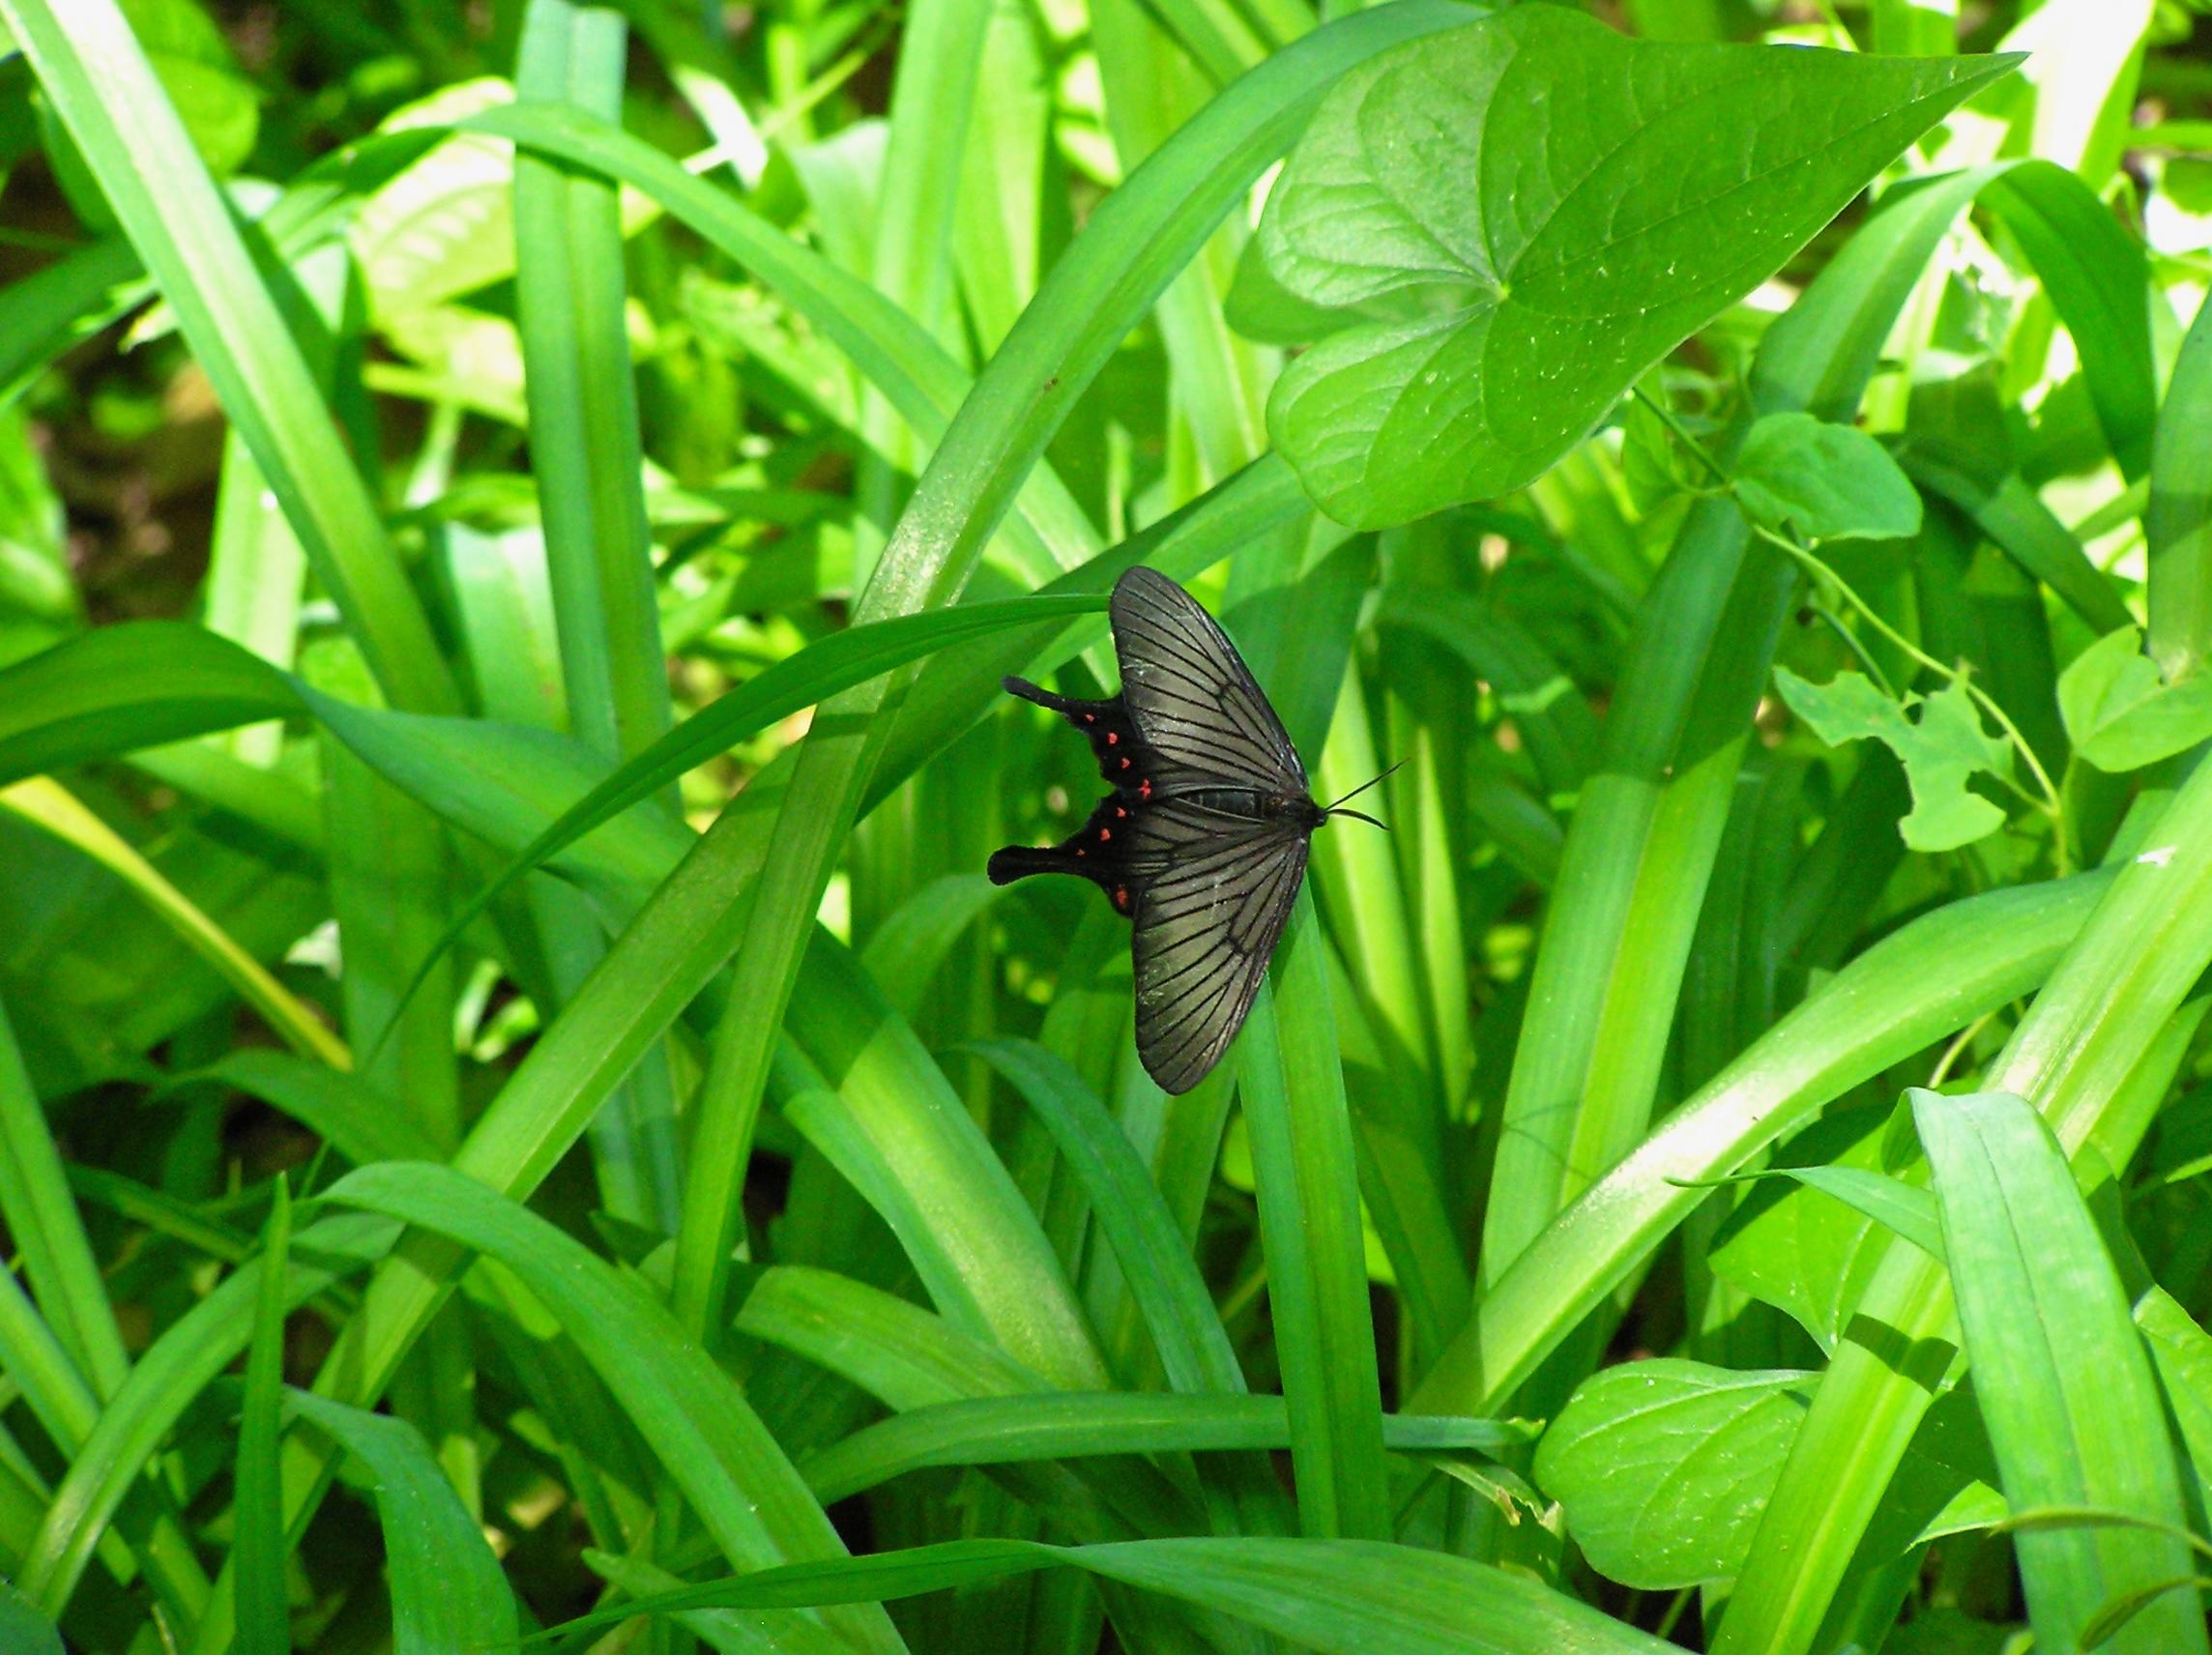 蛾の仲間です